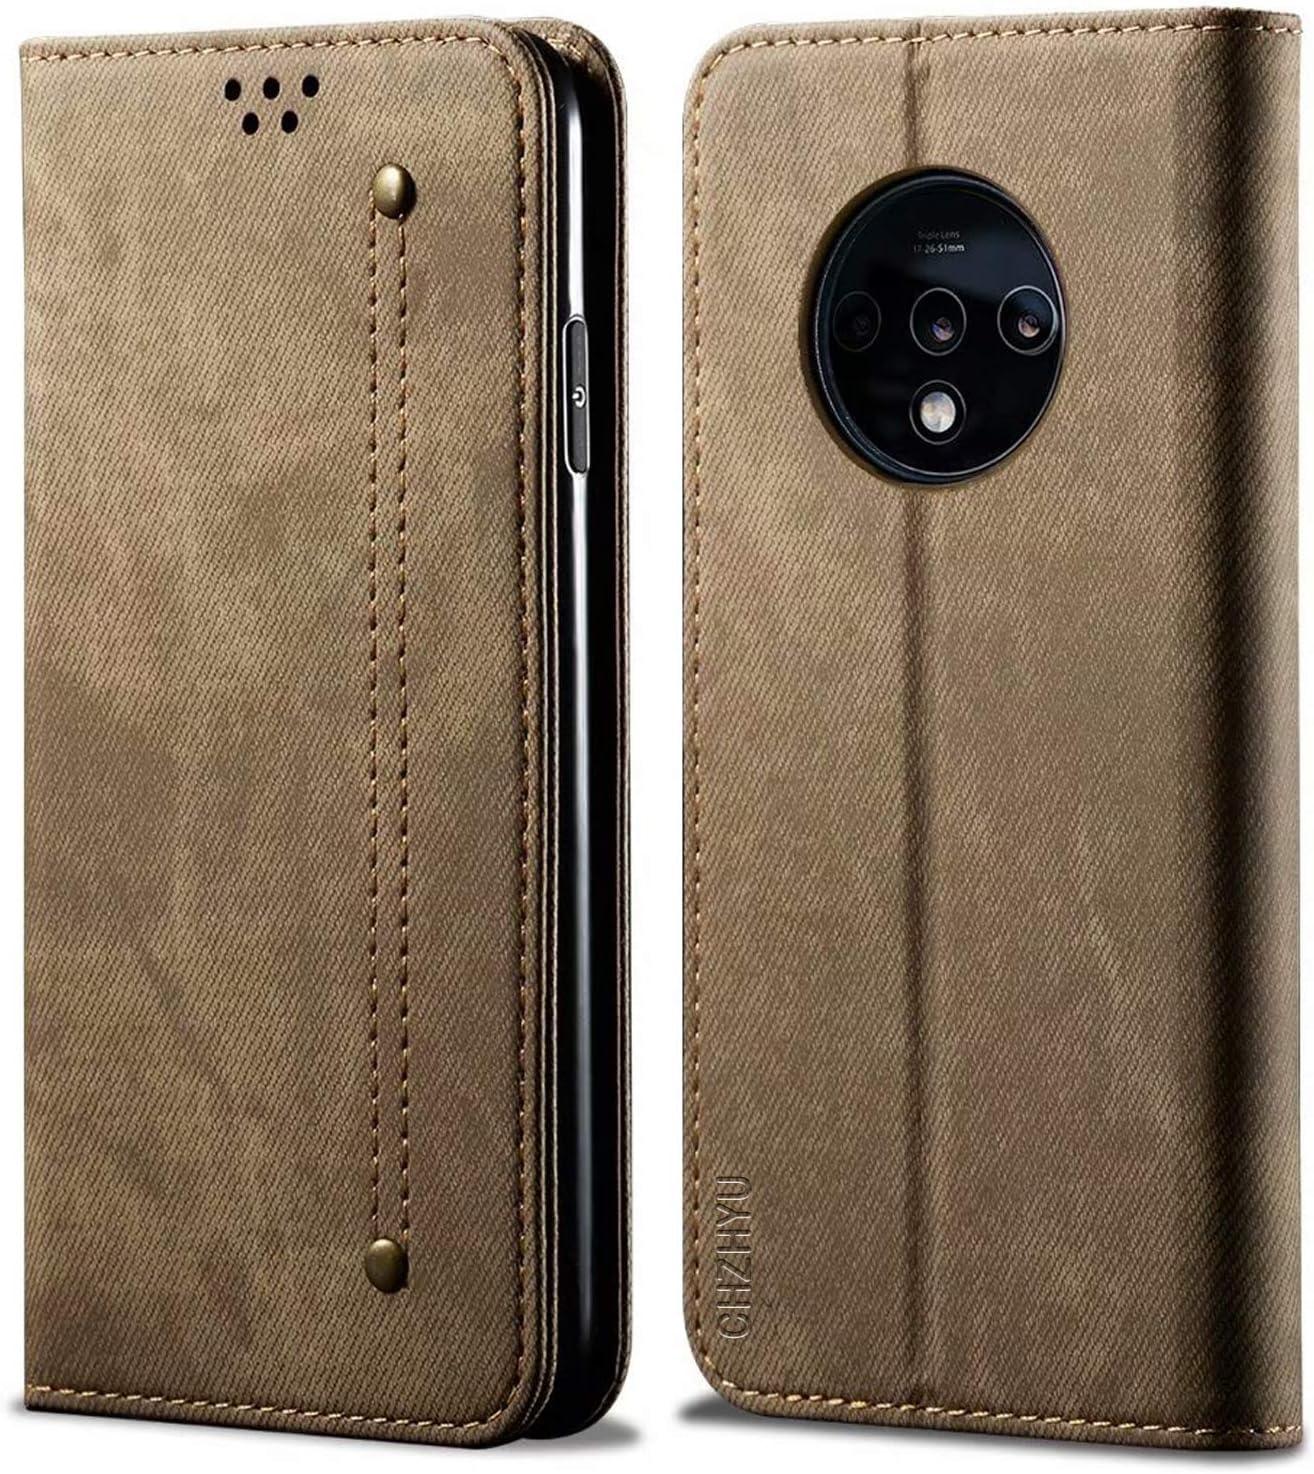 Blau Standfunktion CHZHYU Handyh/ülle f/ür OnePlus 7T-6.55,Premium Leder Flip Doppelte Schutzh/ülle Case Cover f/ür OnePlus 7T-6.55 Magnetverschluss Kartenf/ächer